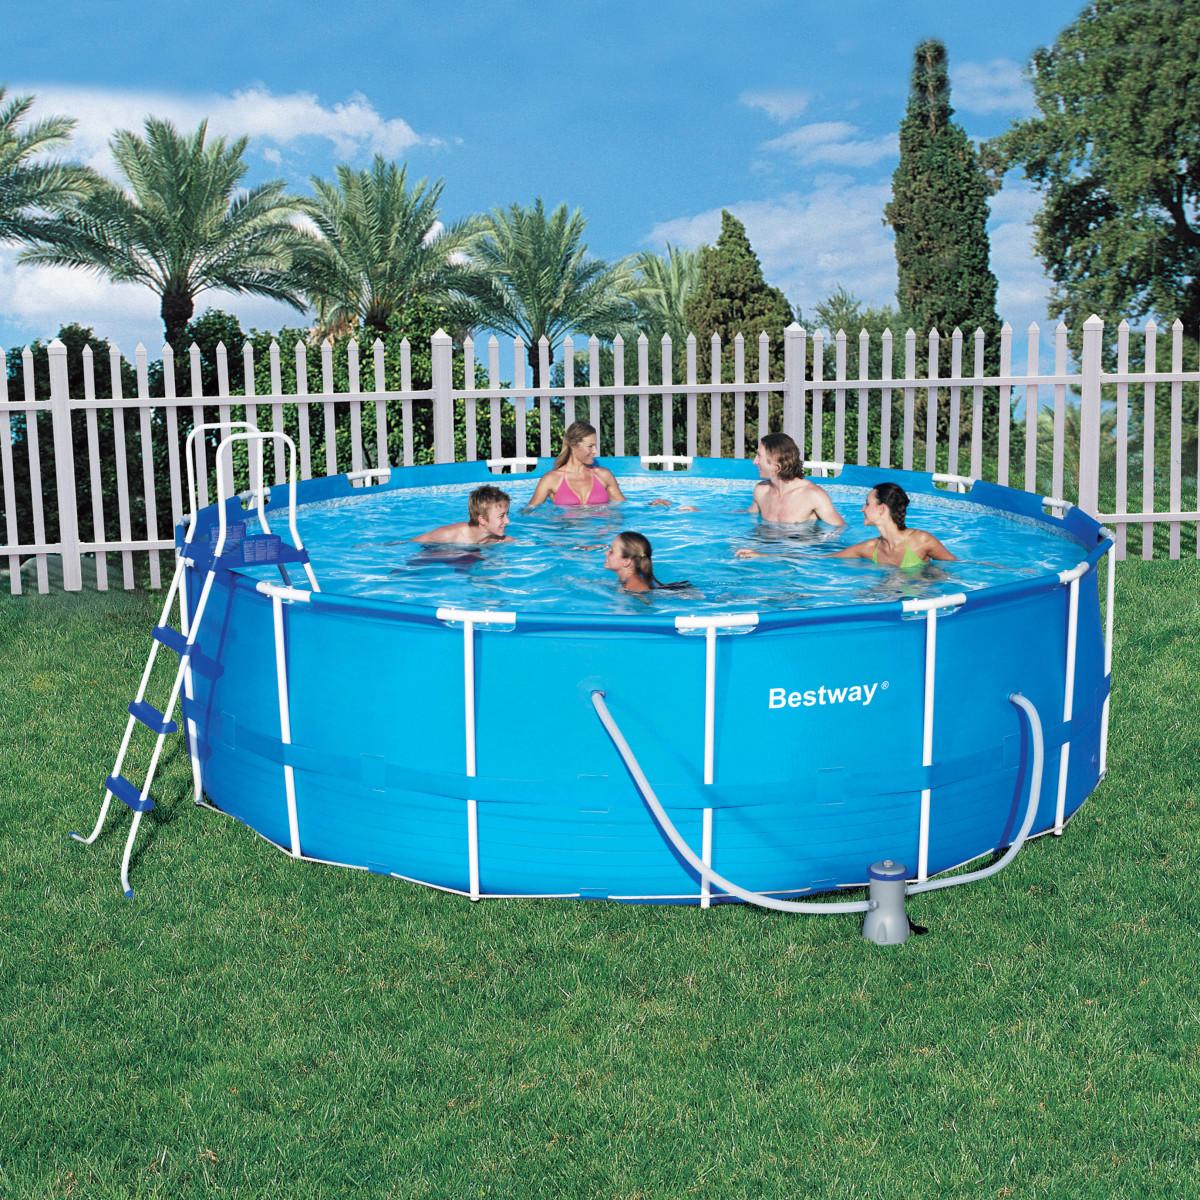 Каркасный семейный бассейн для дачи bestway 56438 457*122 см.